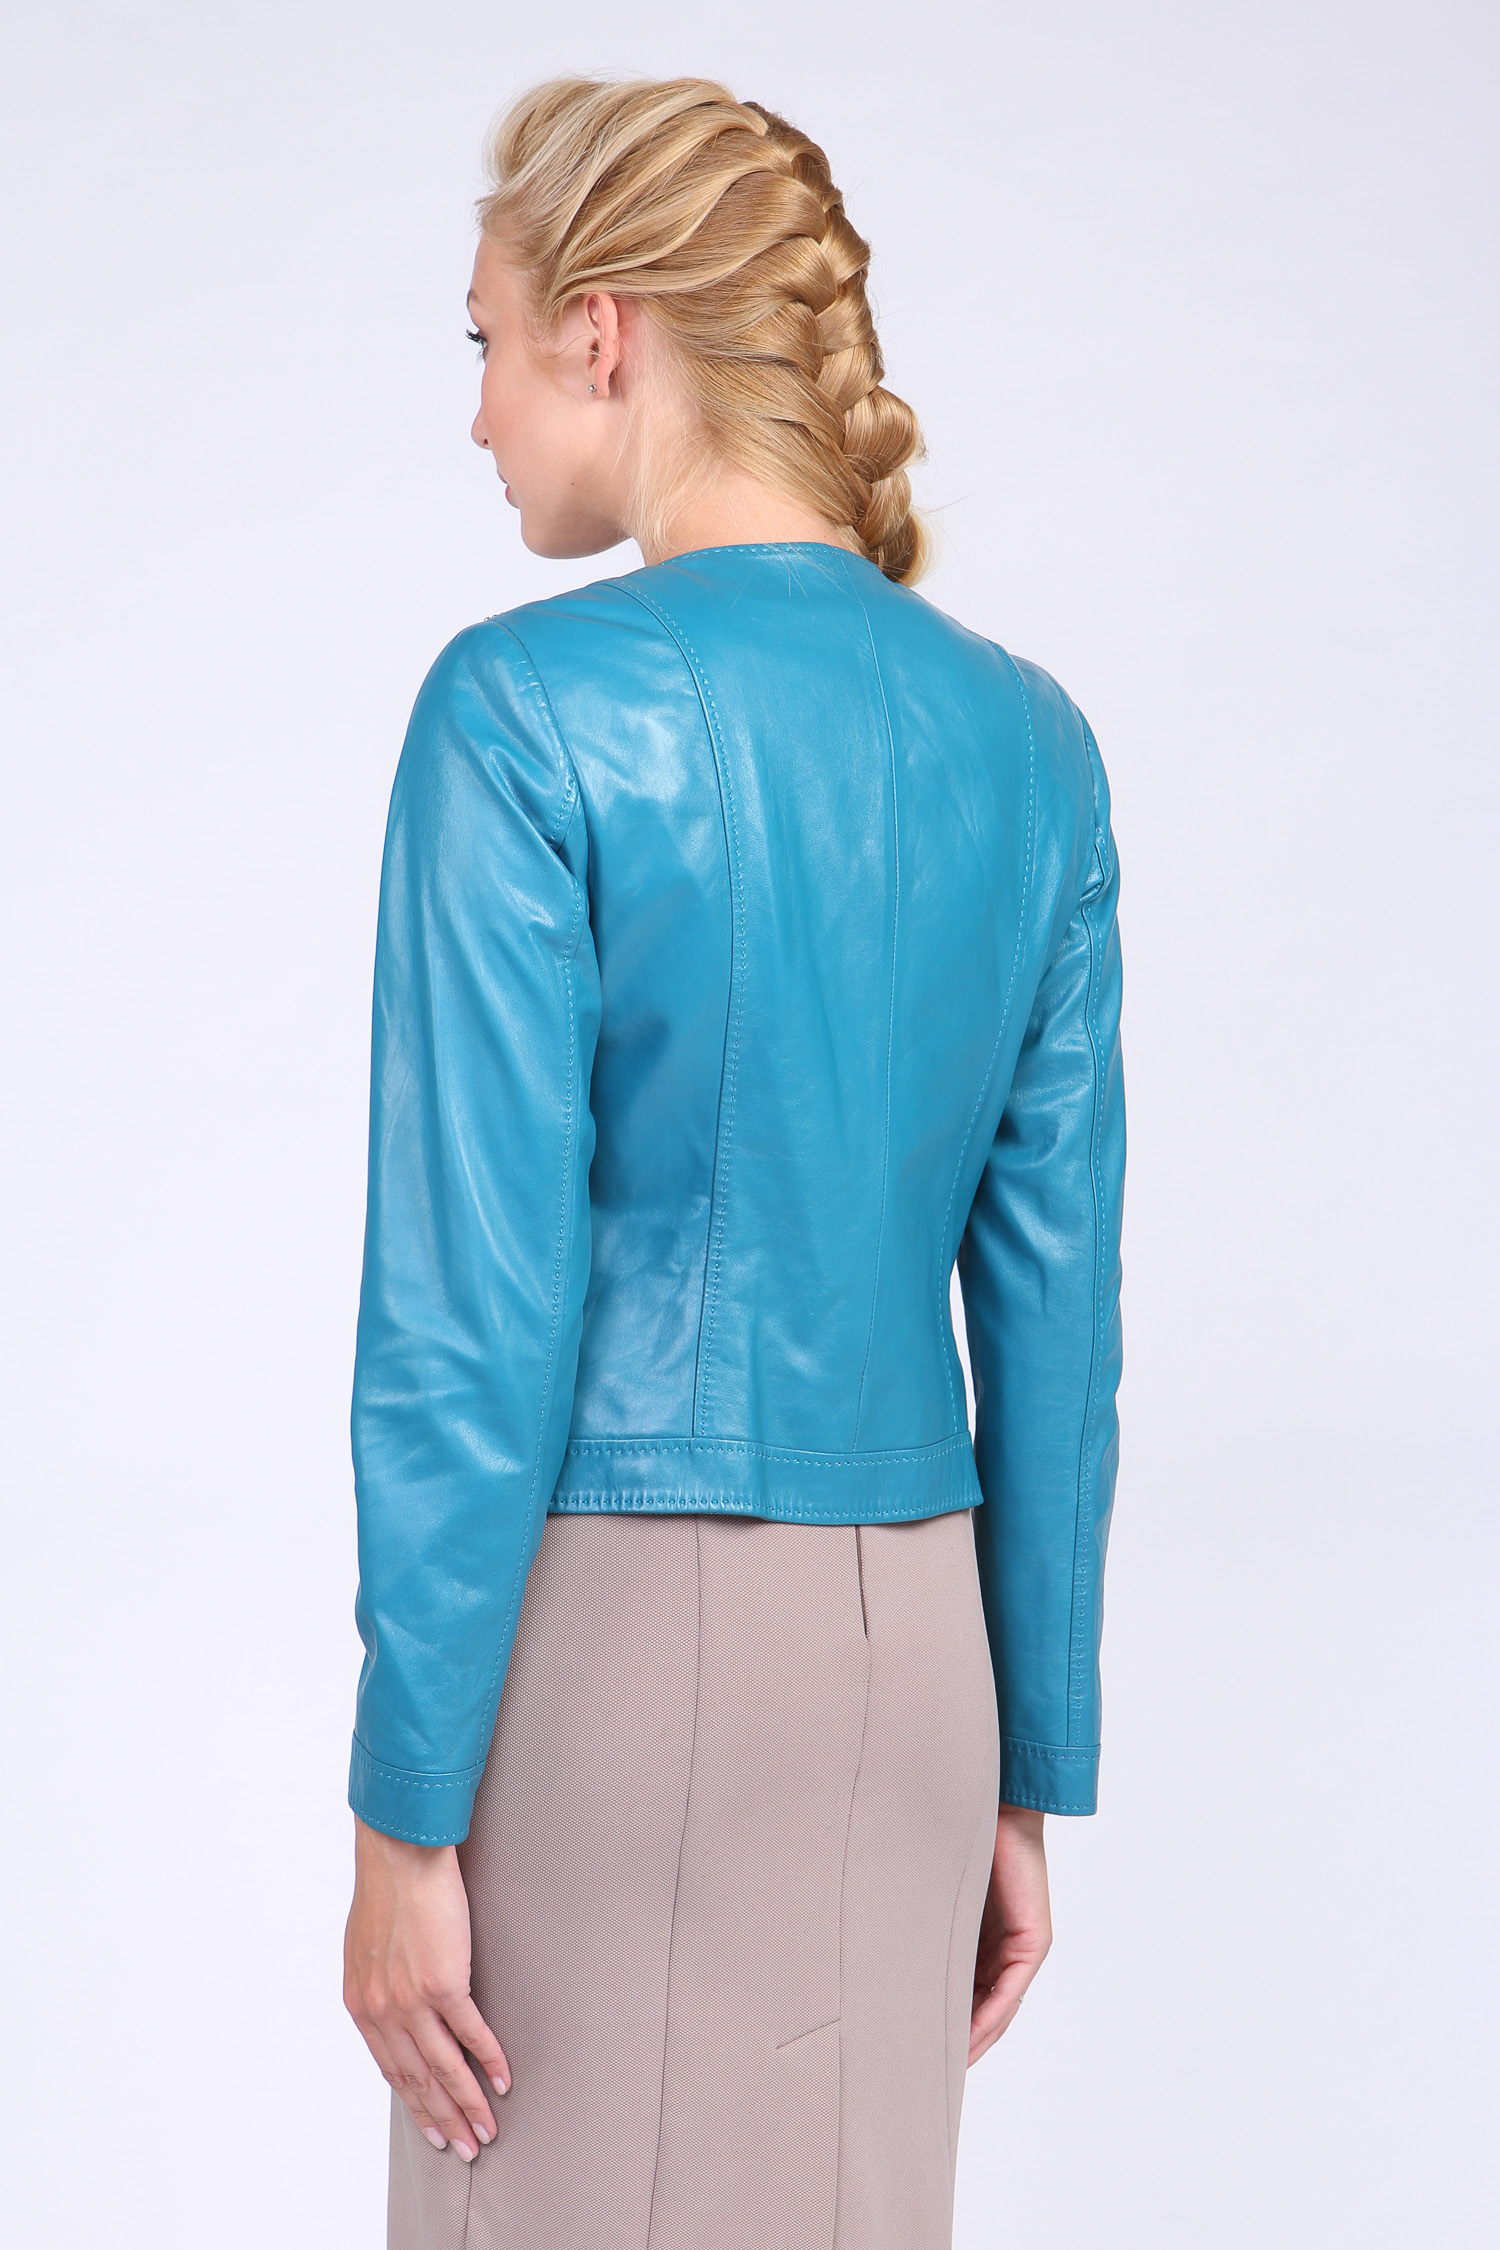 Женская кожаная куртка из натуральной кожи без воротника, без отделки от Московская Меховая Компания